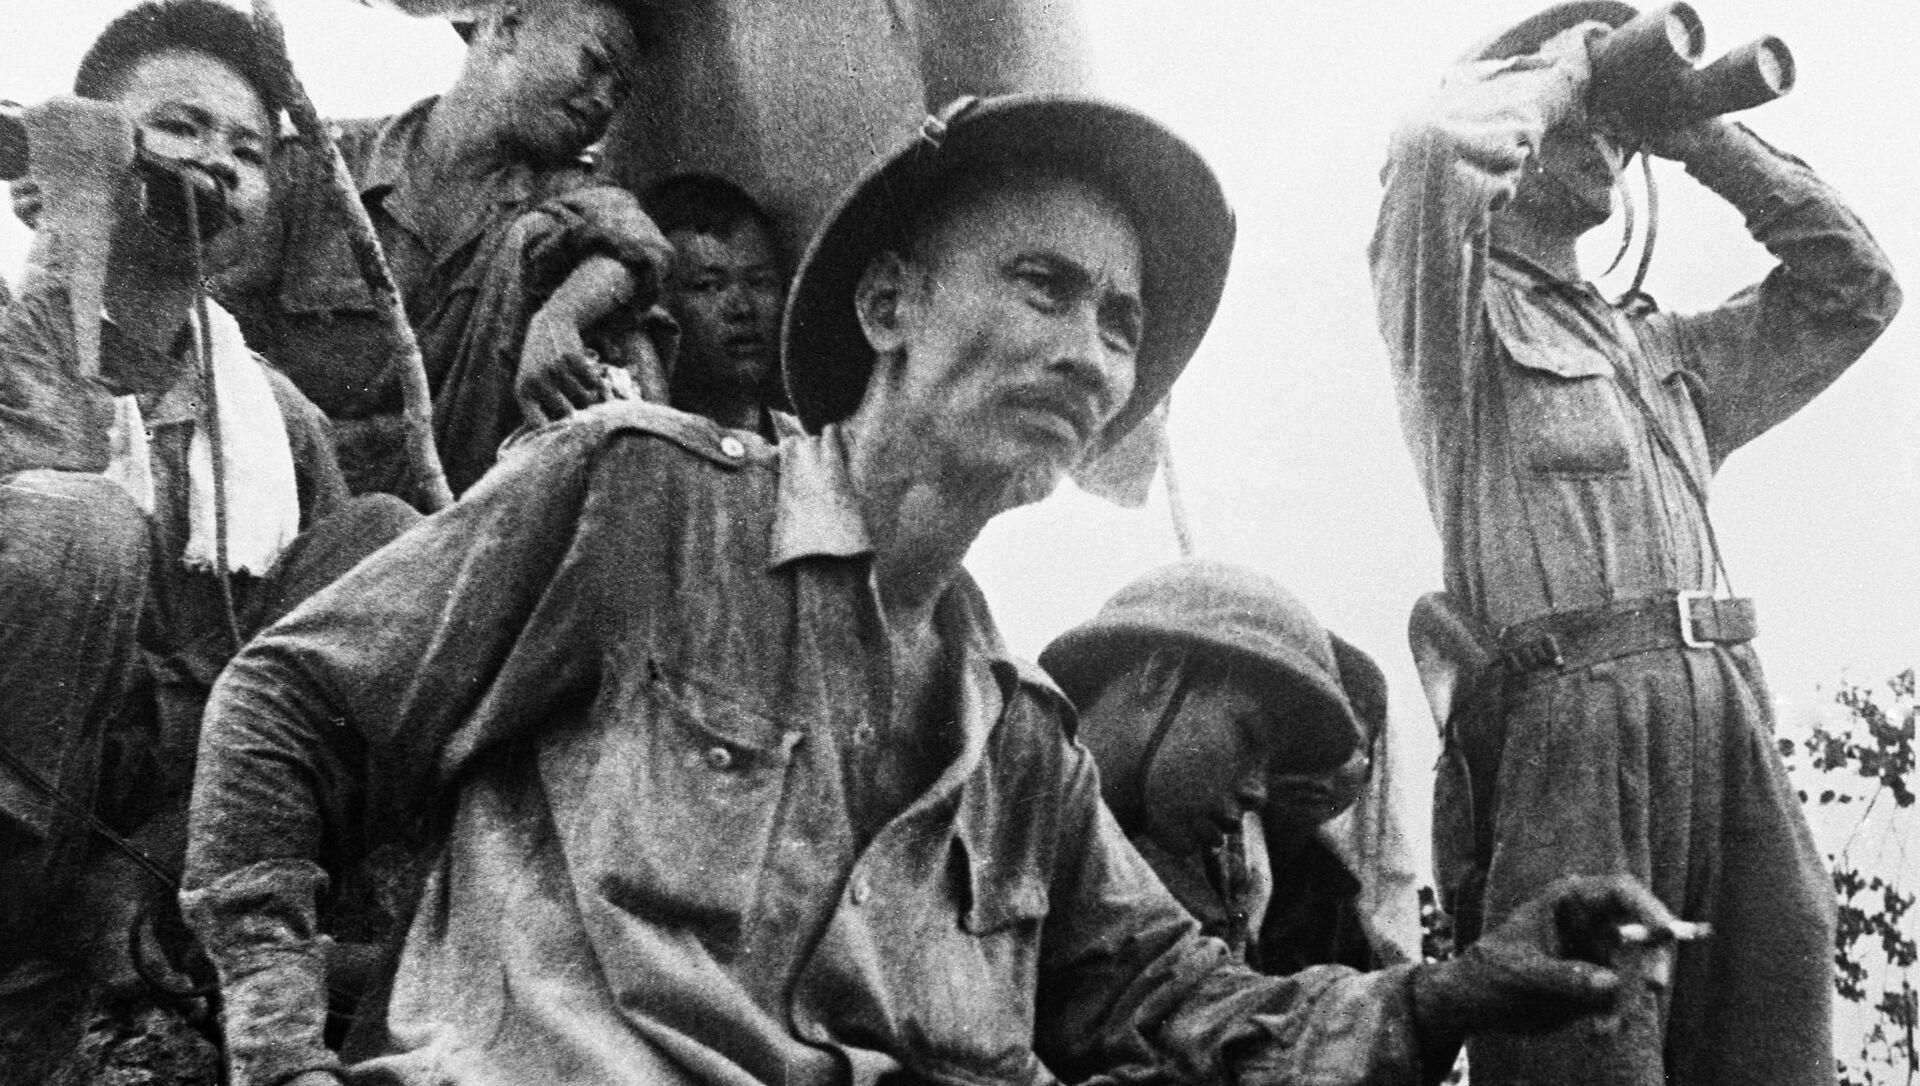 Chủ tịch nước Việt Nam DCCH Hồ Chí Minh theo dõi diễn biến chiến sự trên mặt trận Đông Khê trong thời gian kháng chiến chống Pháp  - Sputnik Việt Nam, 1920, 27.09.2021